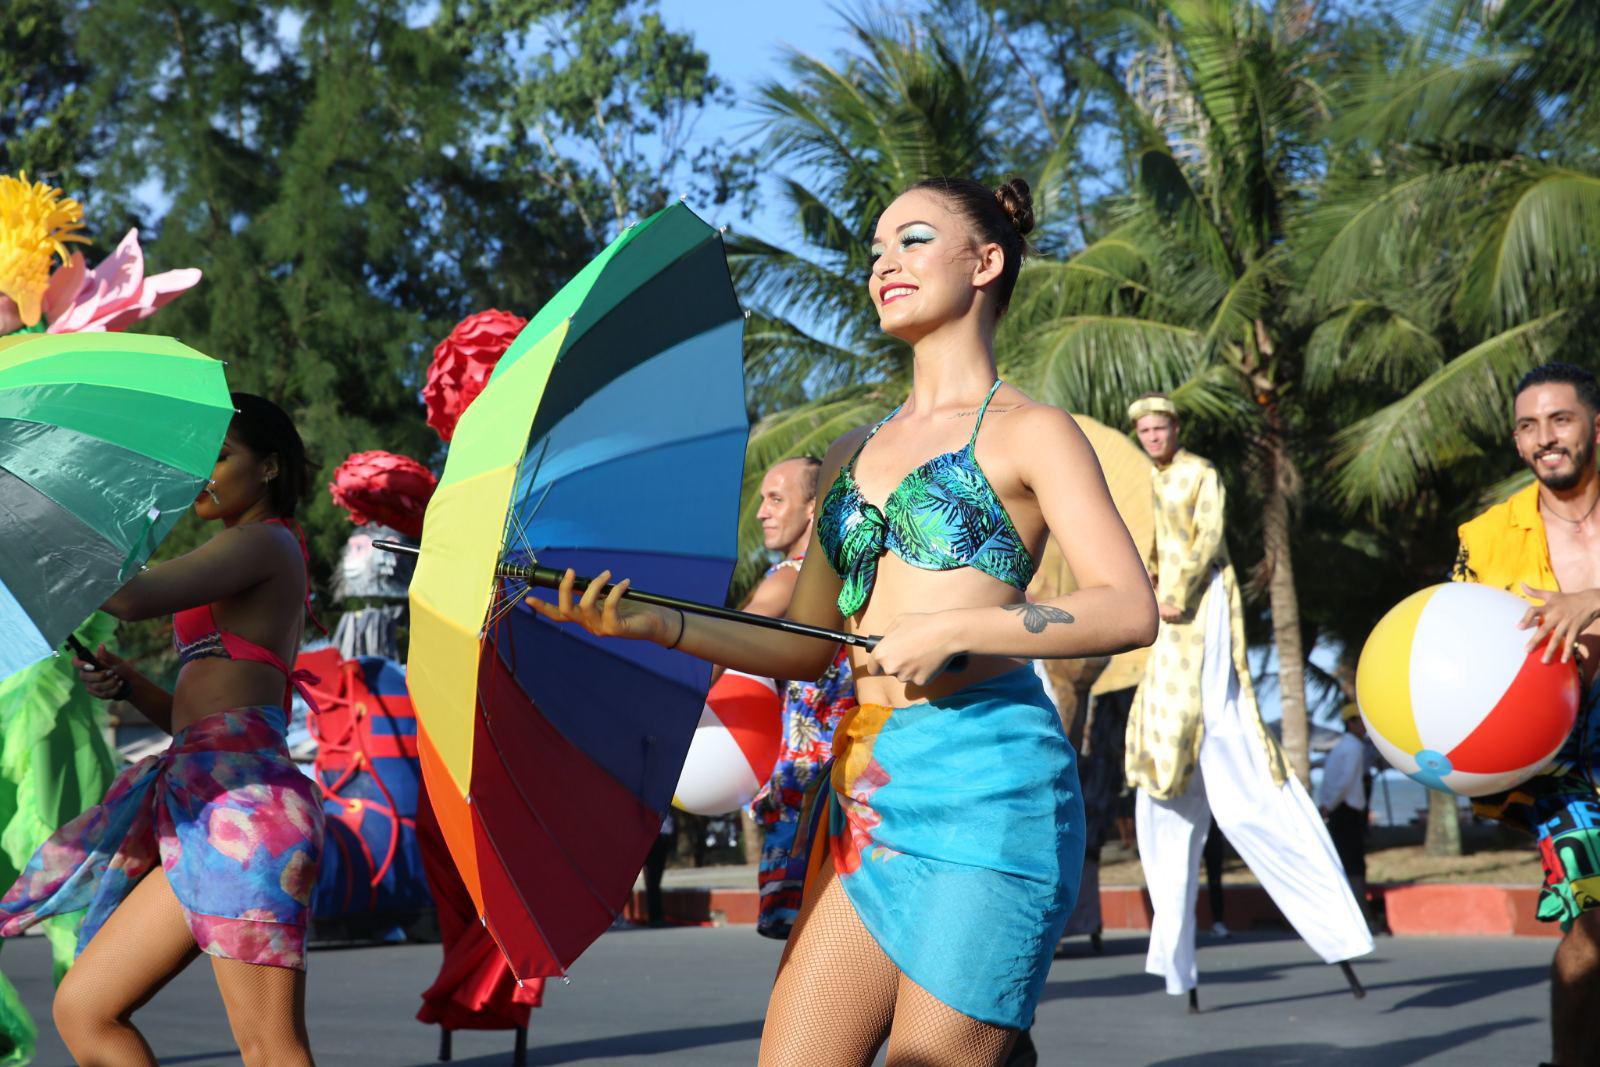 24/4: Dàn sao đình đám sẽ khuấy động đêm khai mạc Lễ hội du lịch biển 2021 tại Sầm Sơn, Thanh Hóa - Ảnh 1.